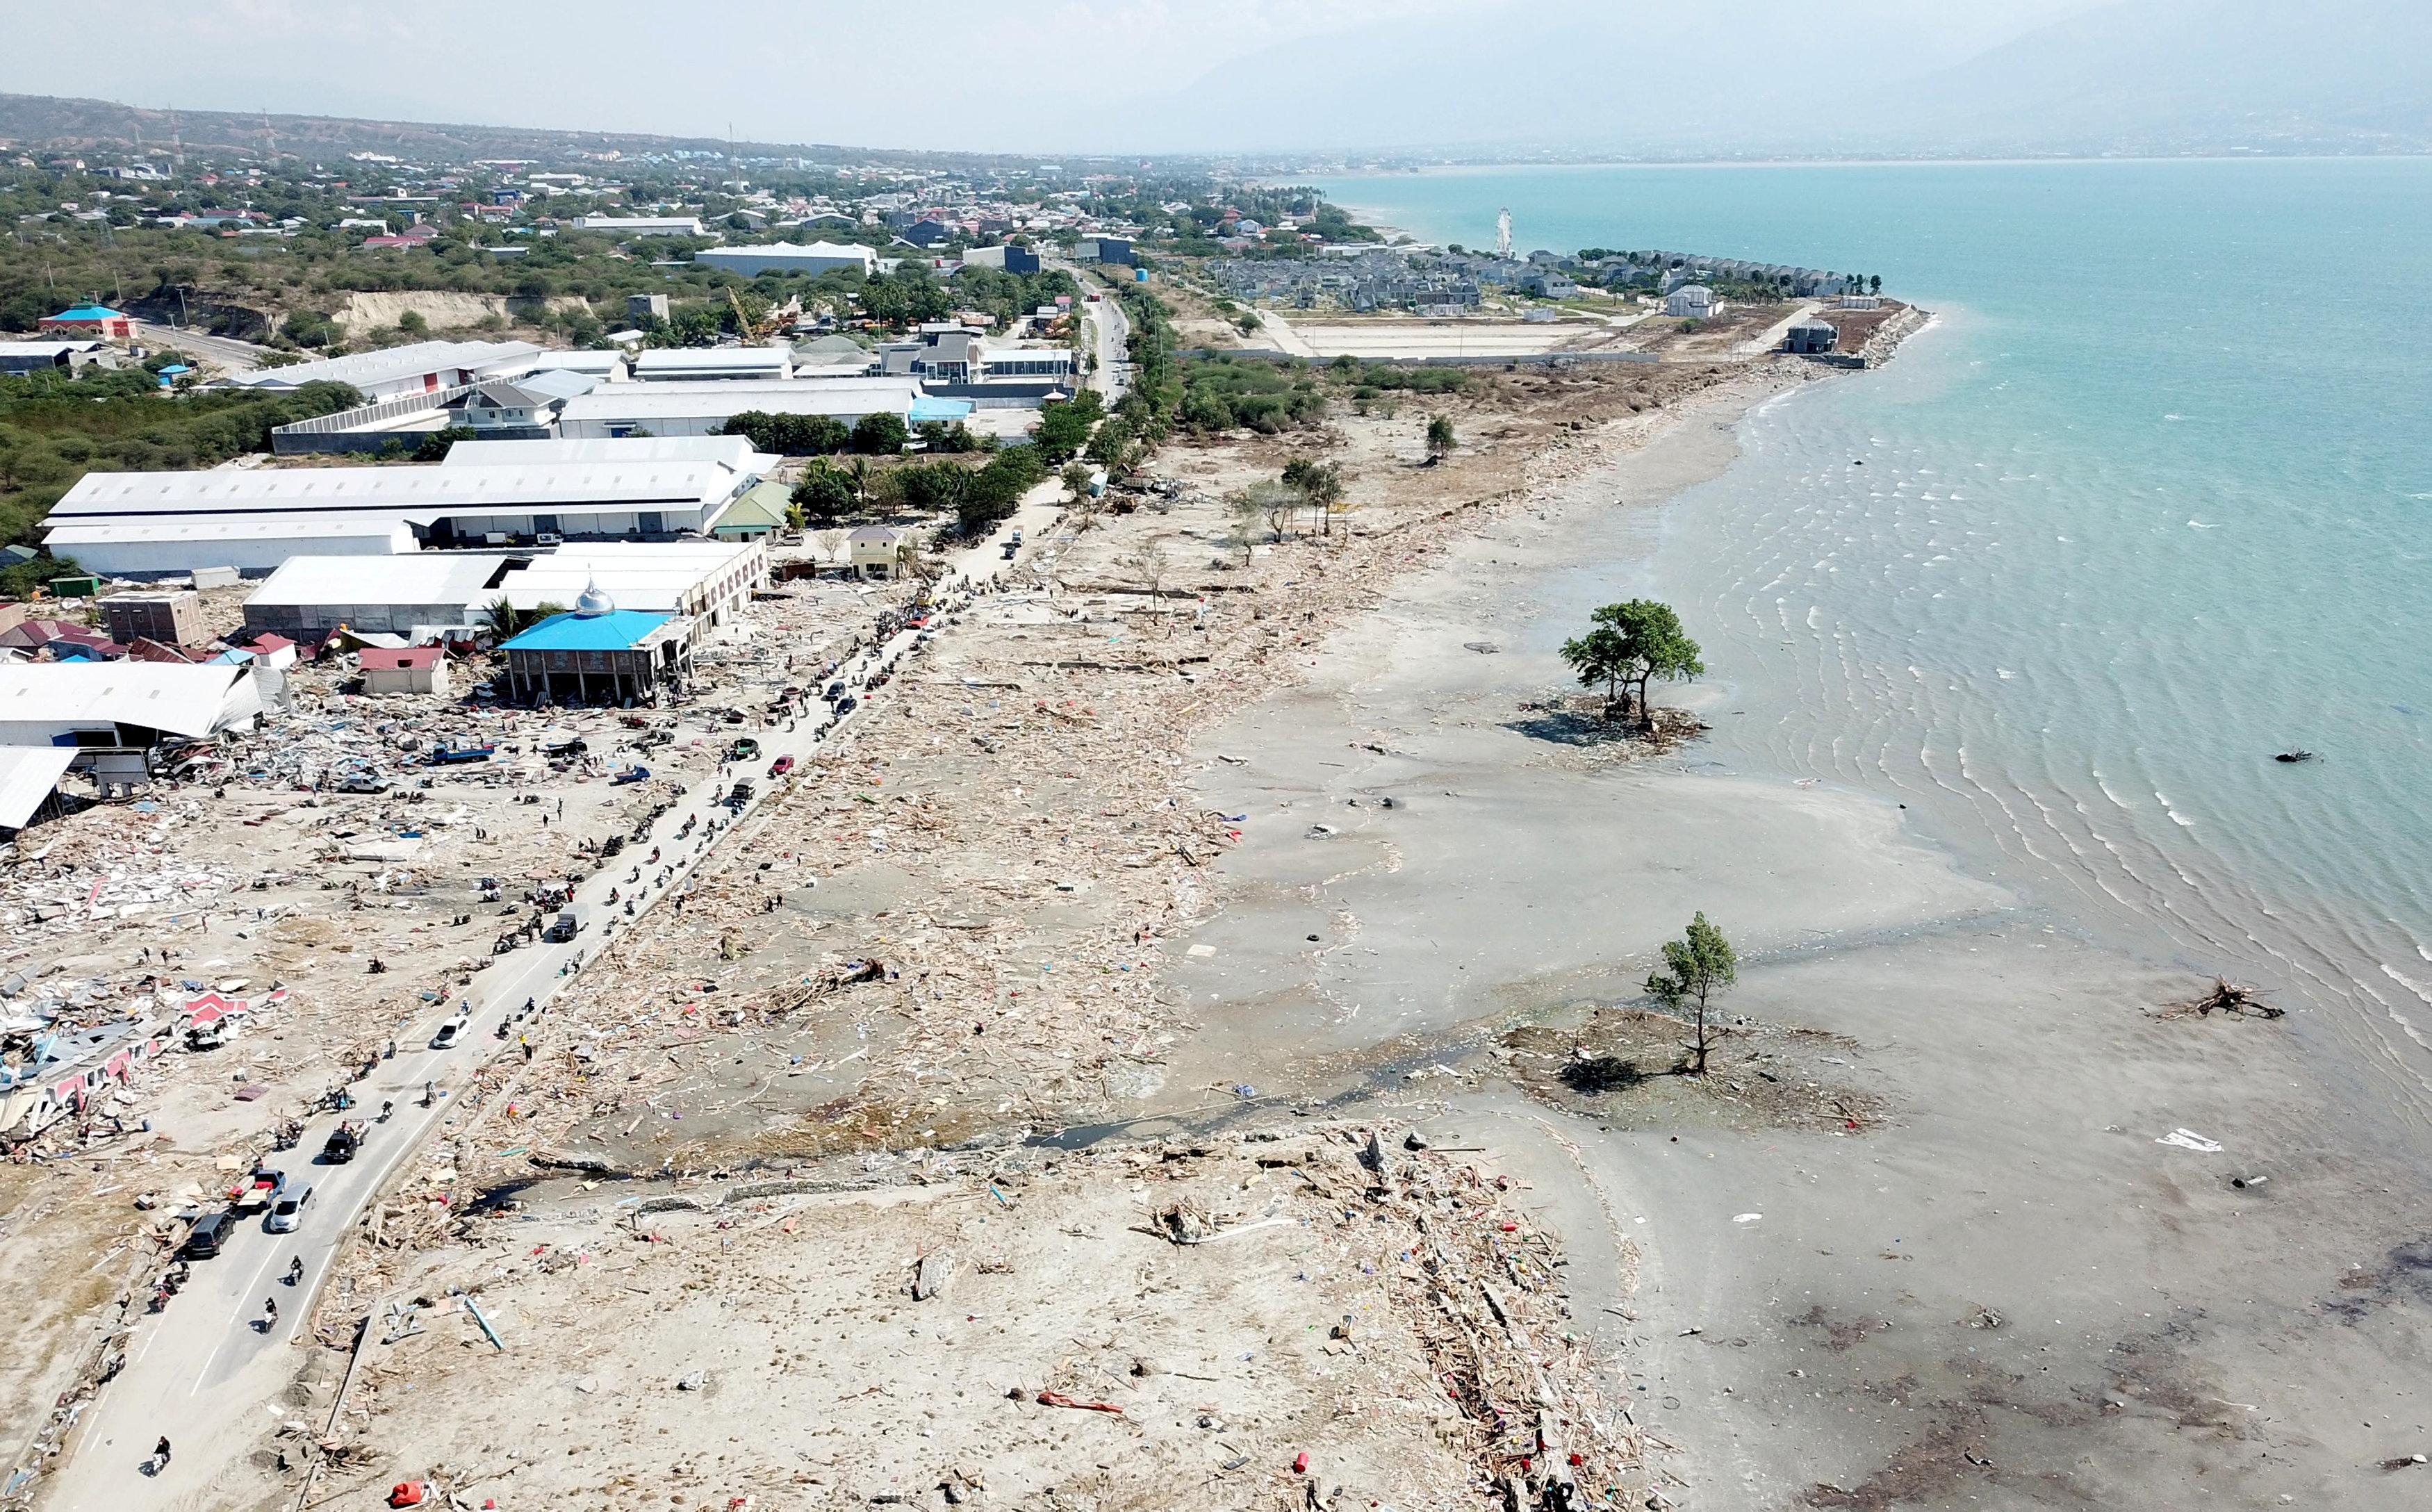 La devastación en la playa de Taipa en Palu (Antara Foto/Muhammad Adimaja via REUTERS)